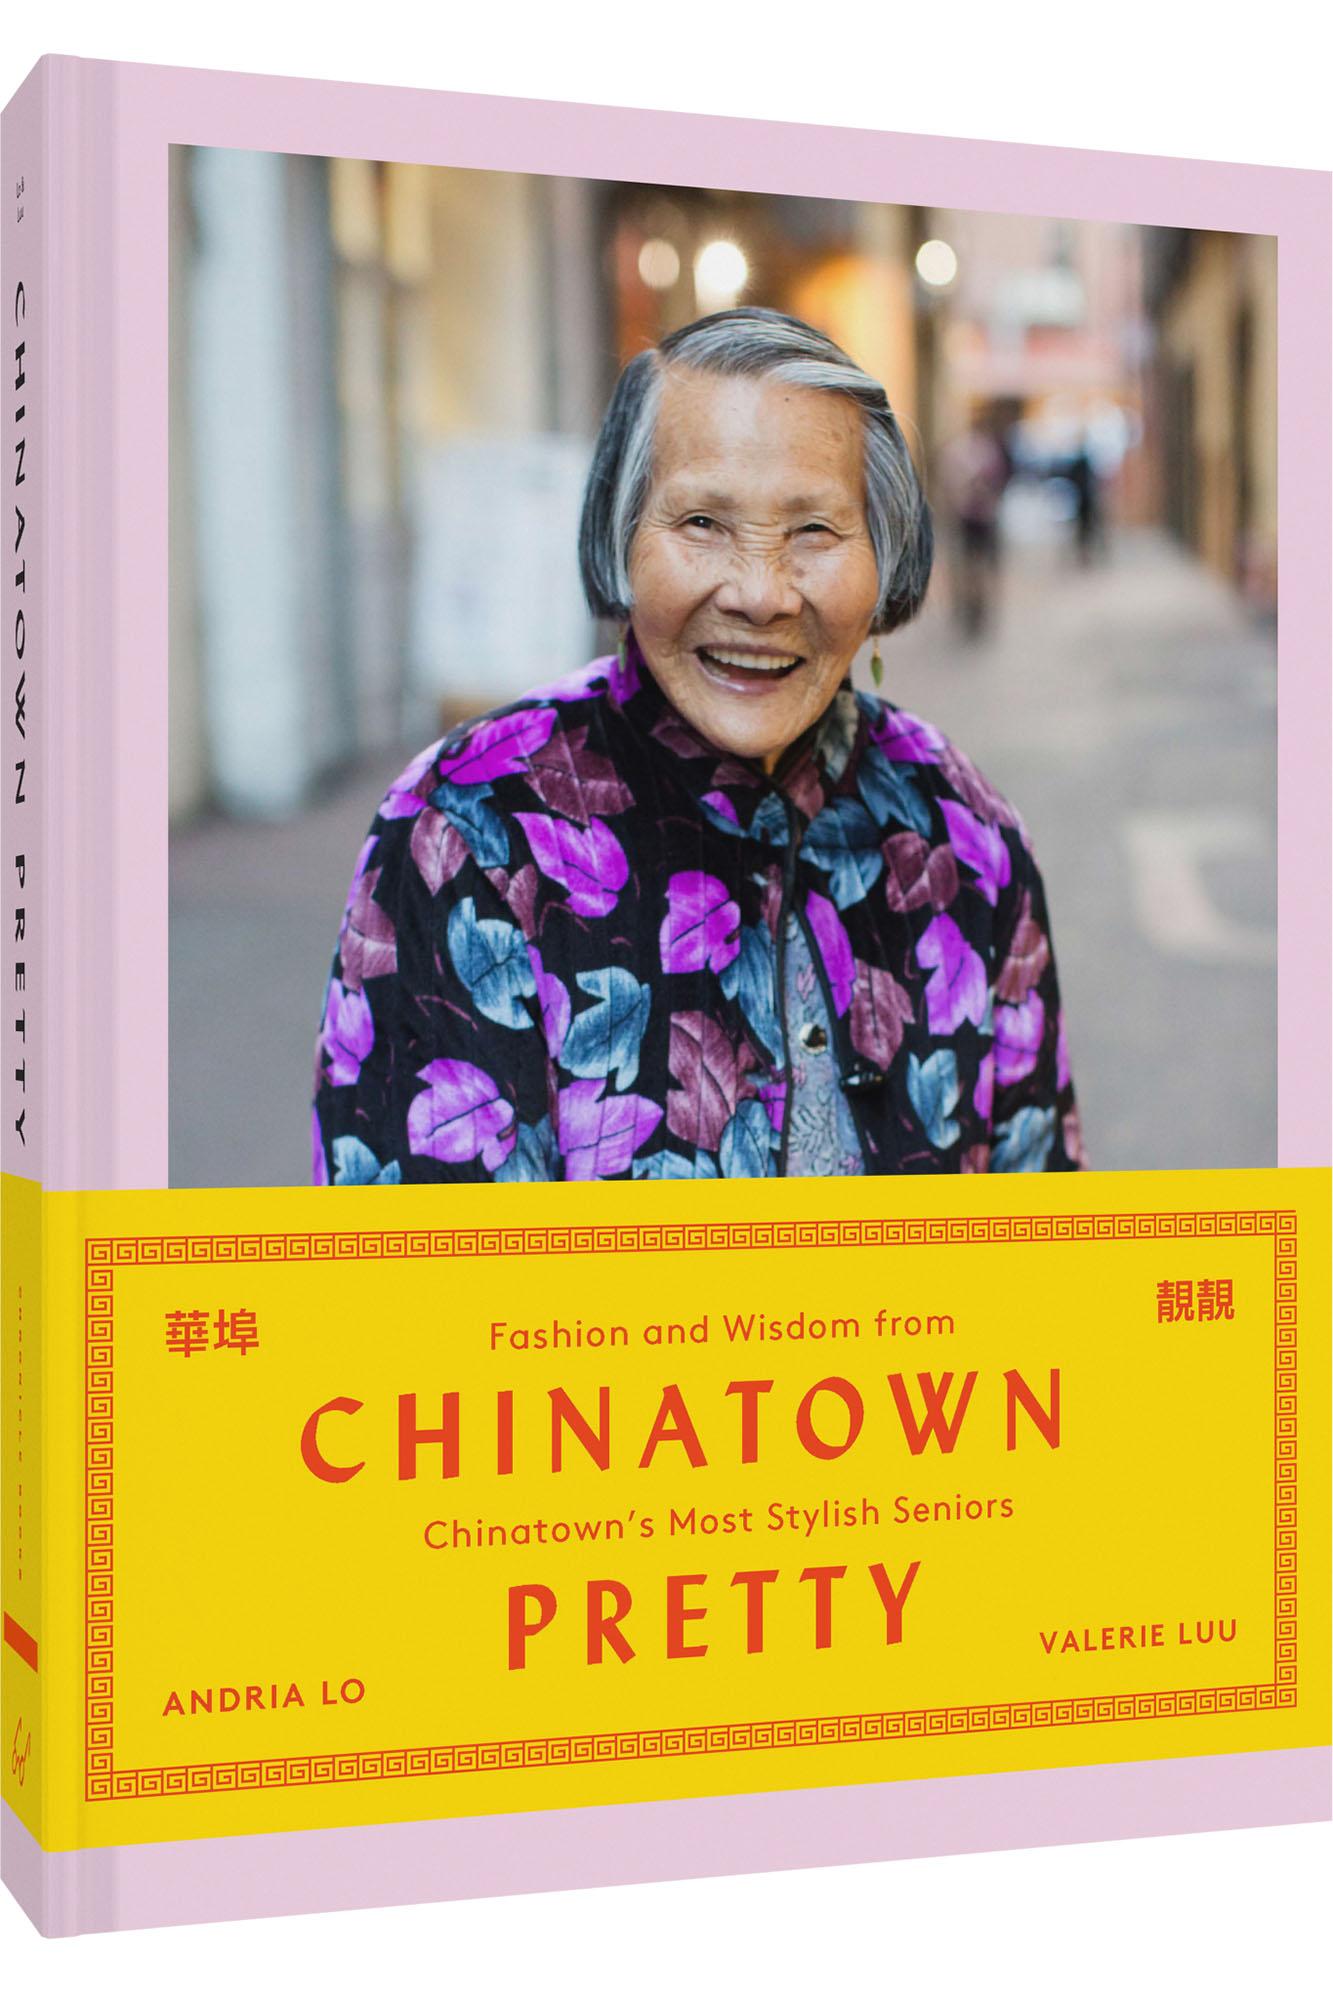 chinatown-pretty-book-cover